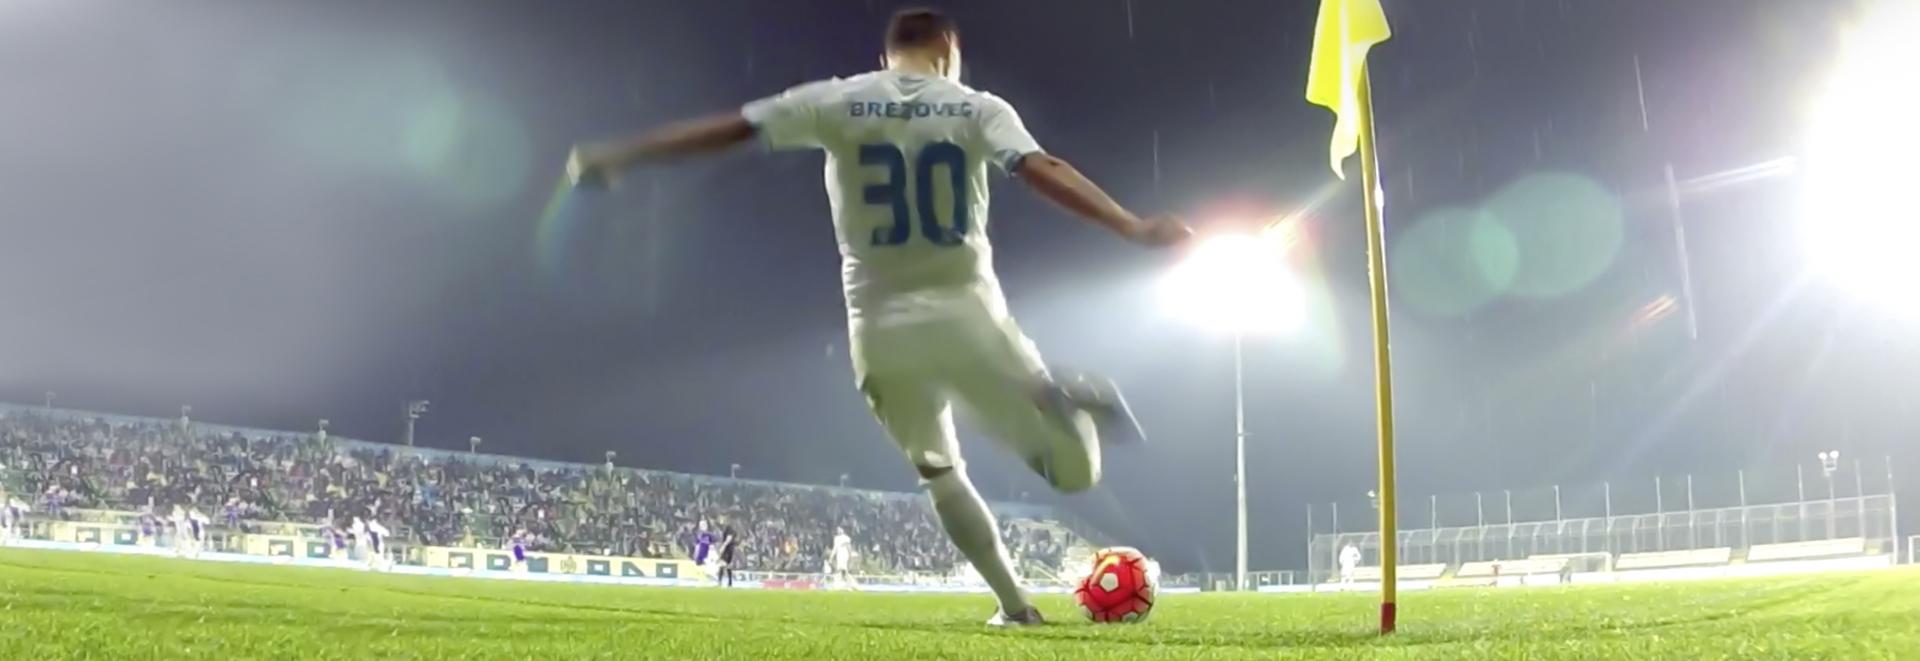 tilly_unger_slider_fußball